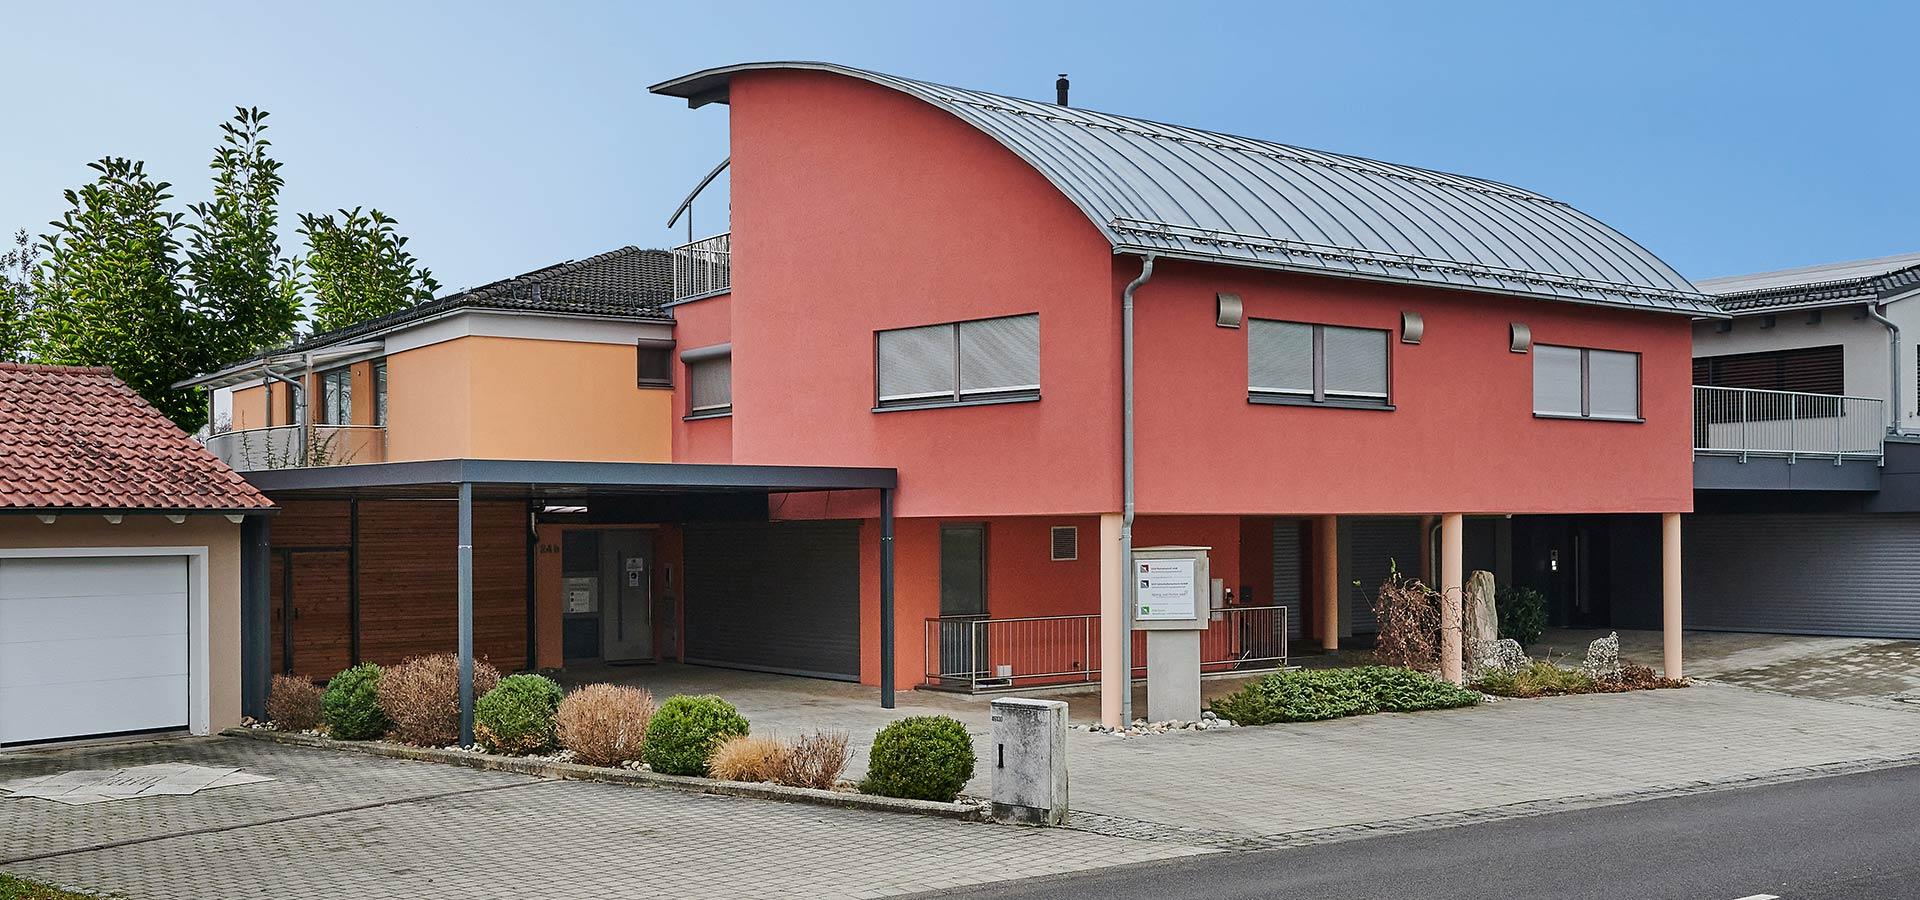 Kanzlei von Rössing und Partner in Eggenfelden